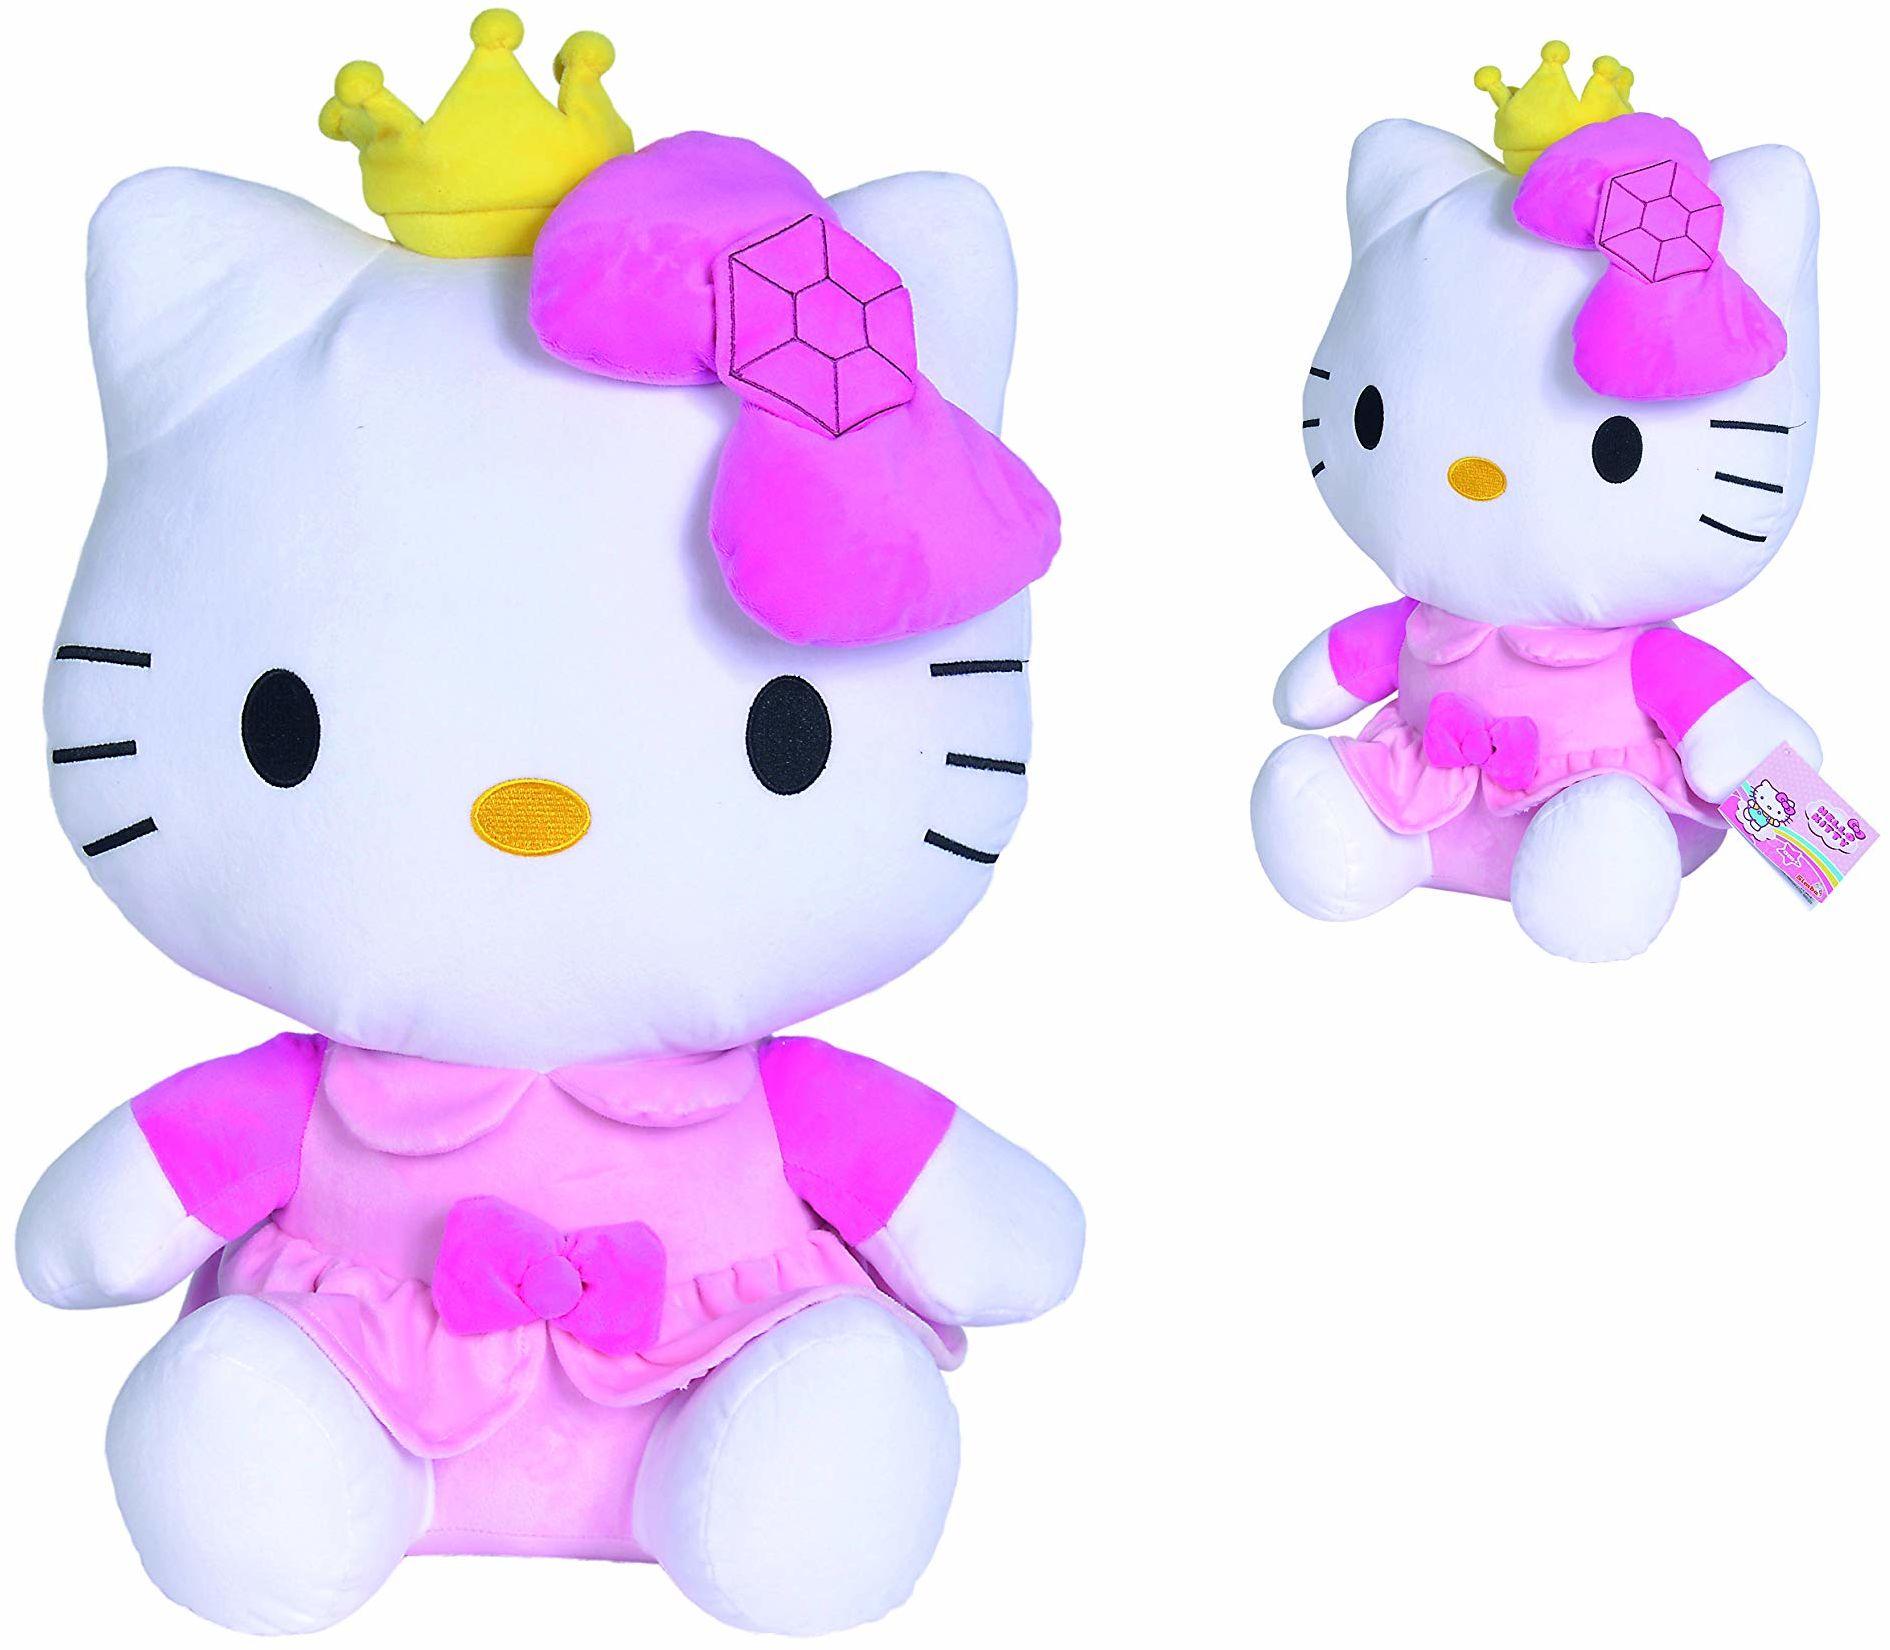 Simba 109281013 Hello Kitty plusz w stroju księżniczki, 50 cm